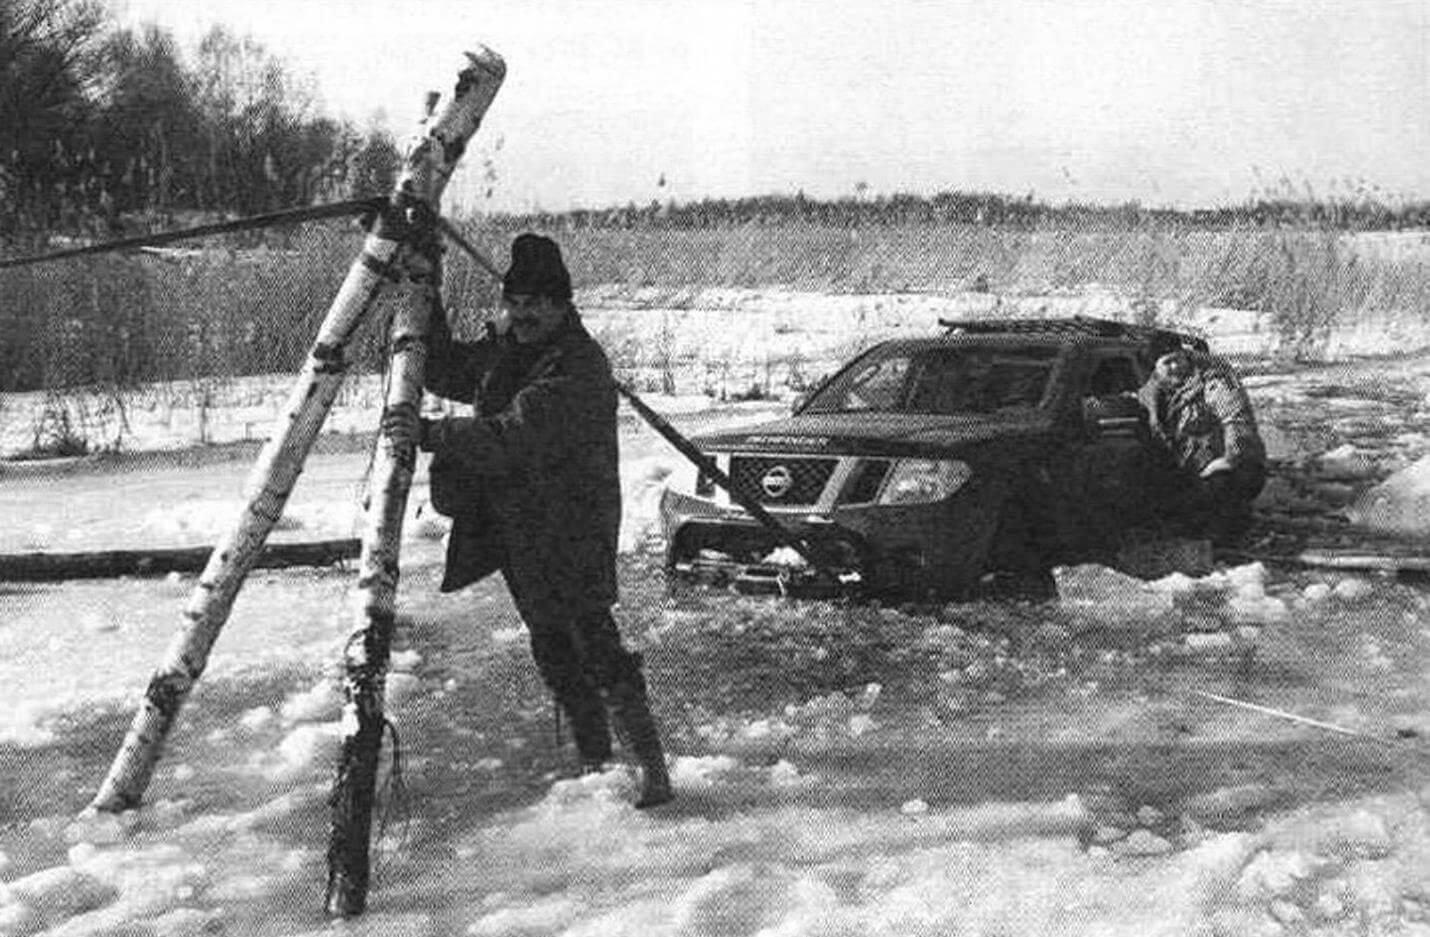 Выезжая на автомобиле на лед, подумайте о том, как будете спасться, если вдруг машина уйдет в воду